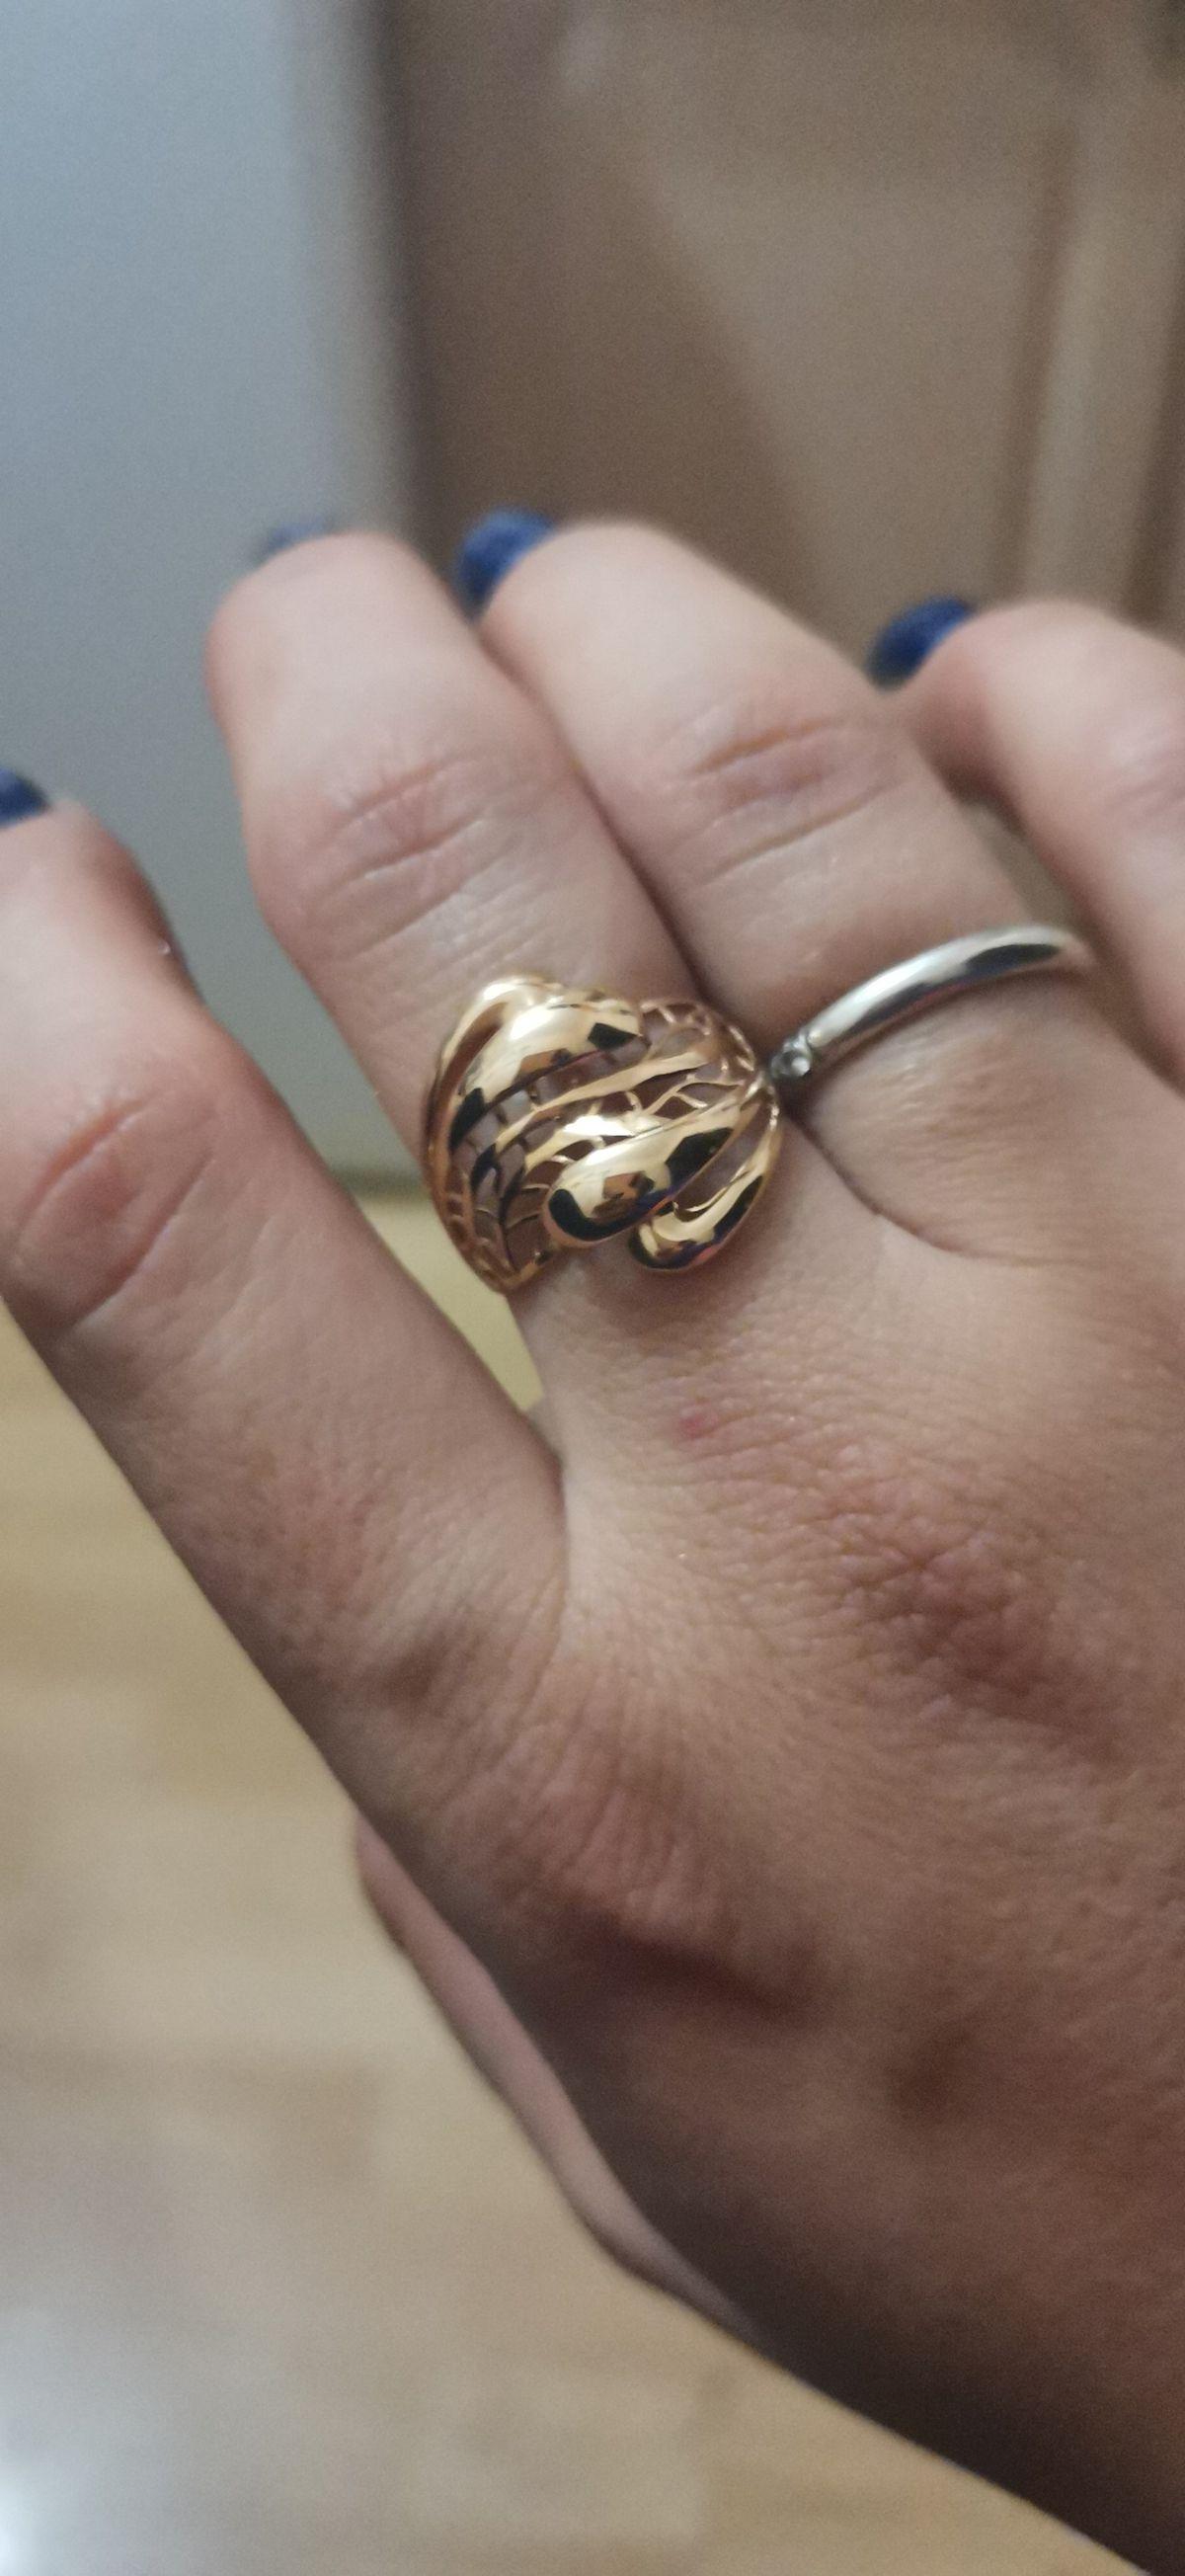 Купила кольцо просто вышка